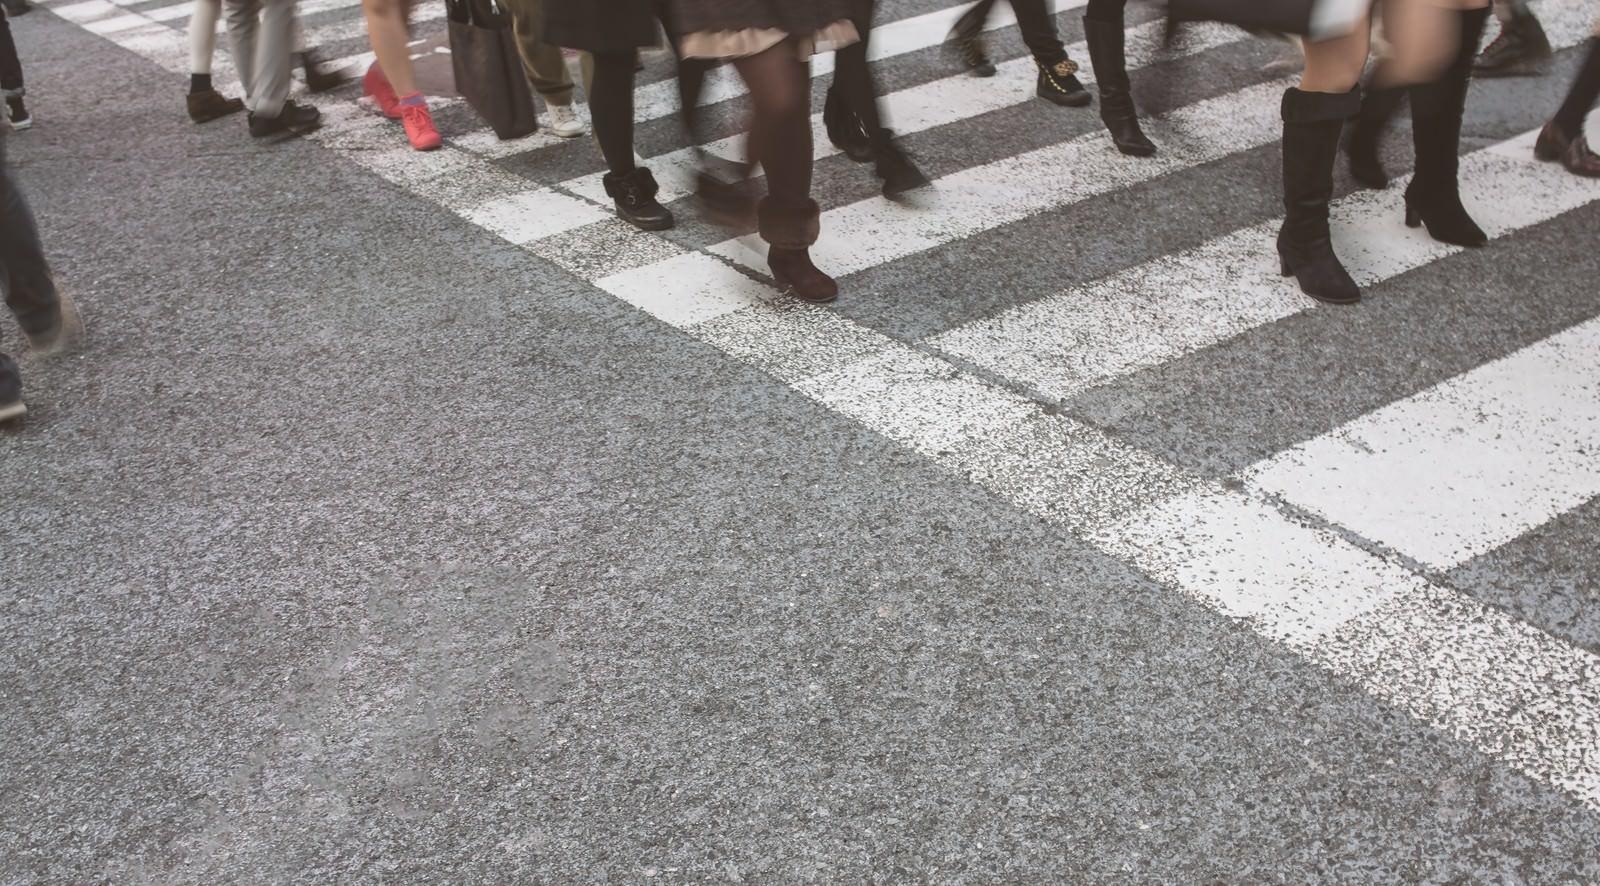 「横断歩道と人の足 | 写真の無料素材・フリー素材 - ぱくたそ」の写真